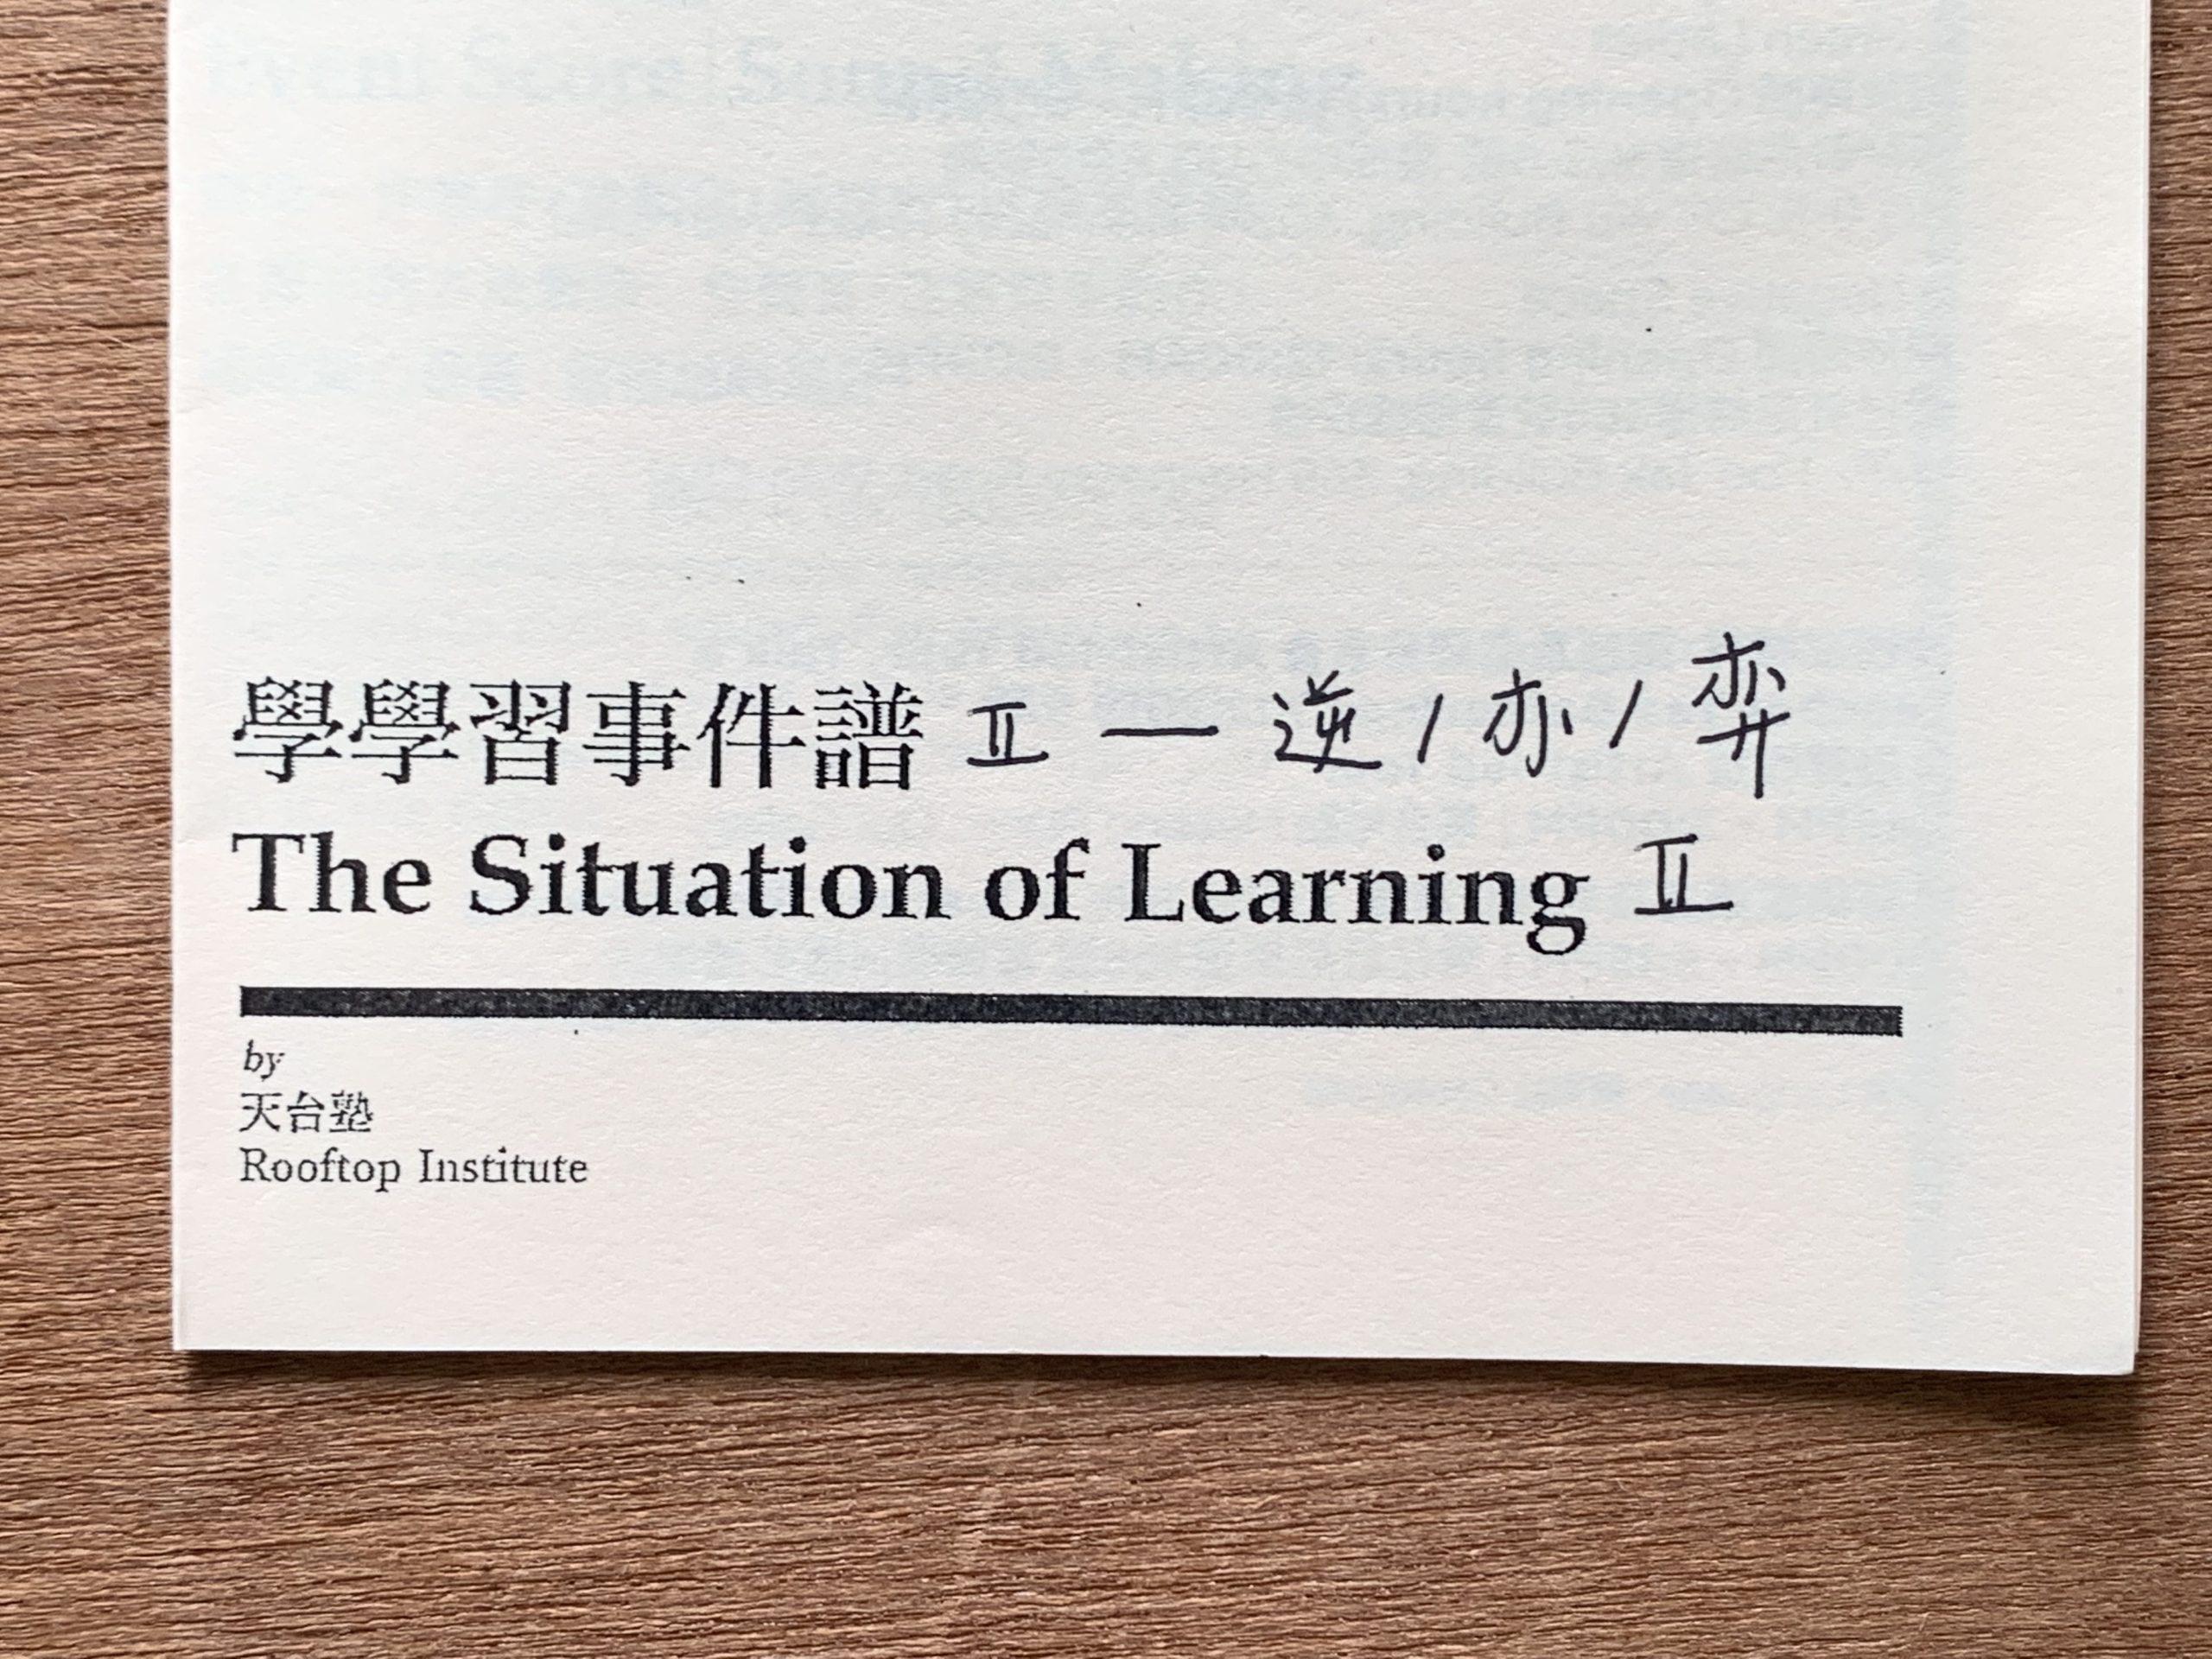 學學習事件譜II —— 逆 / 亦 / 弈